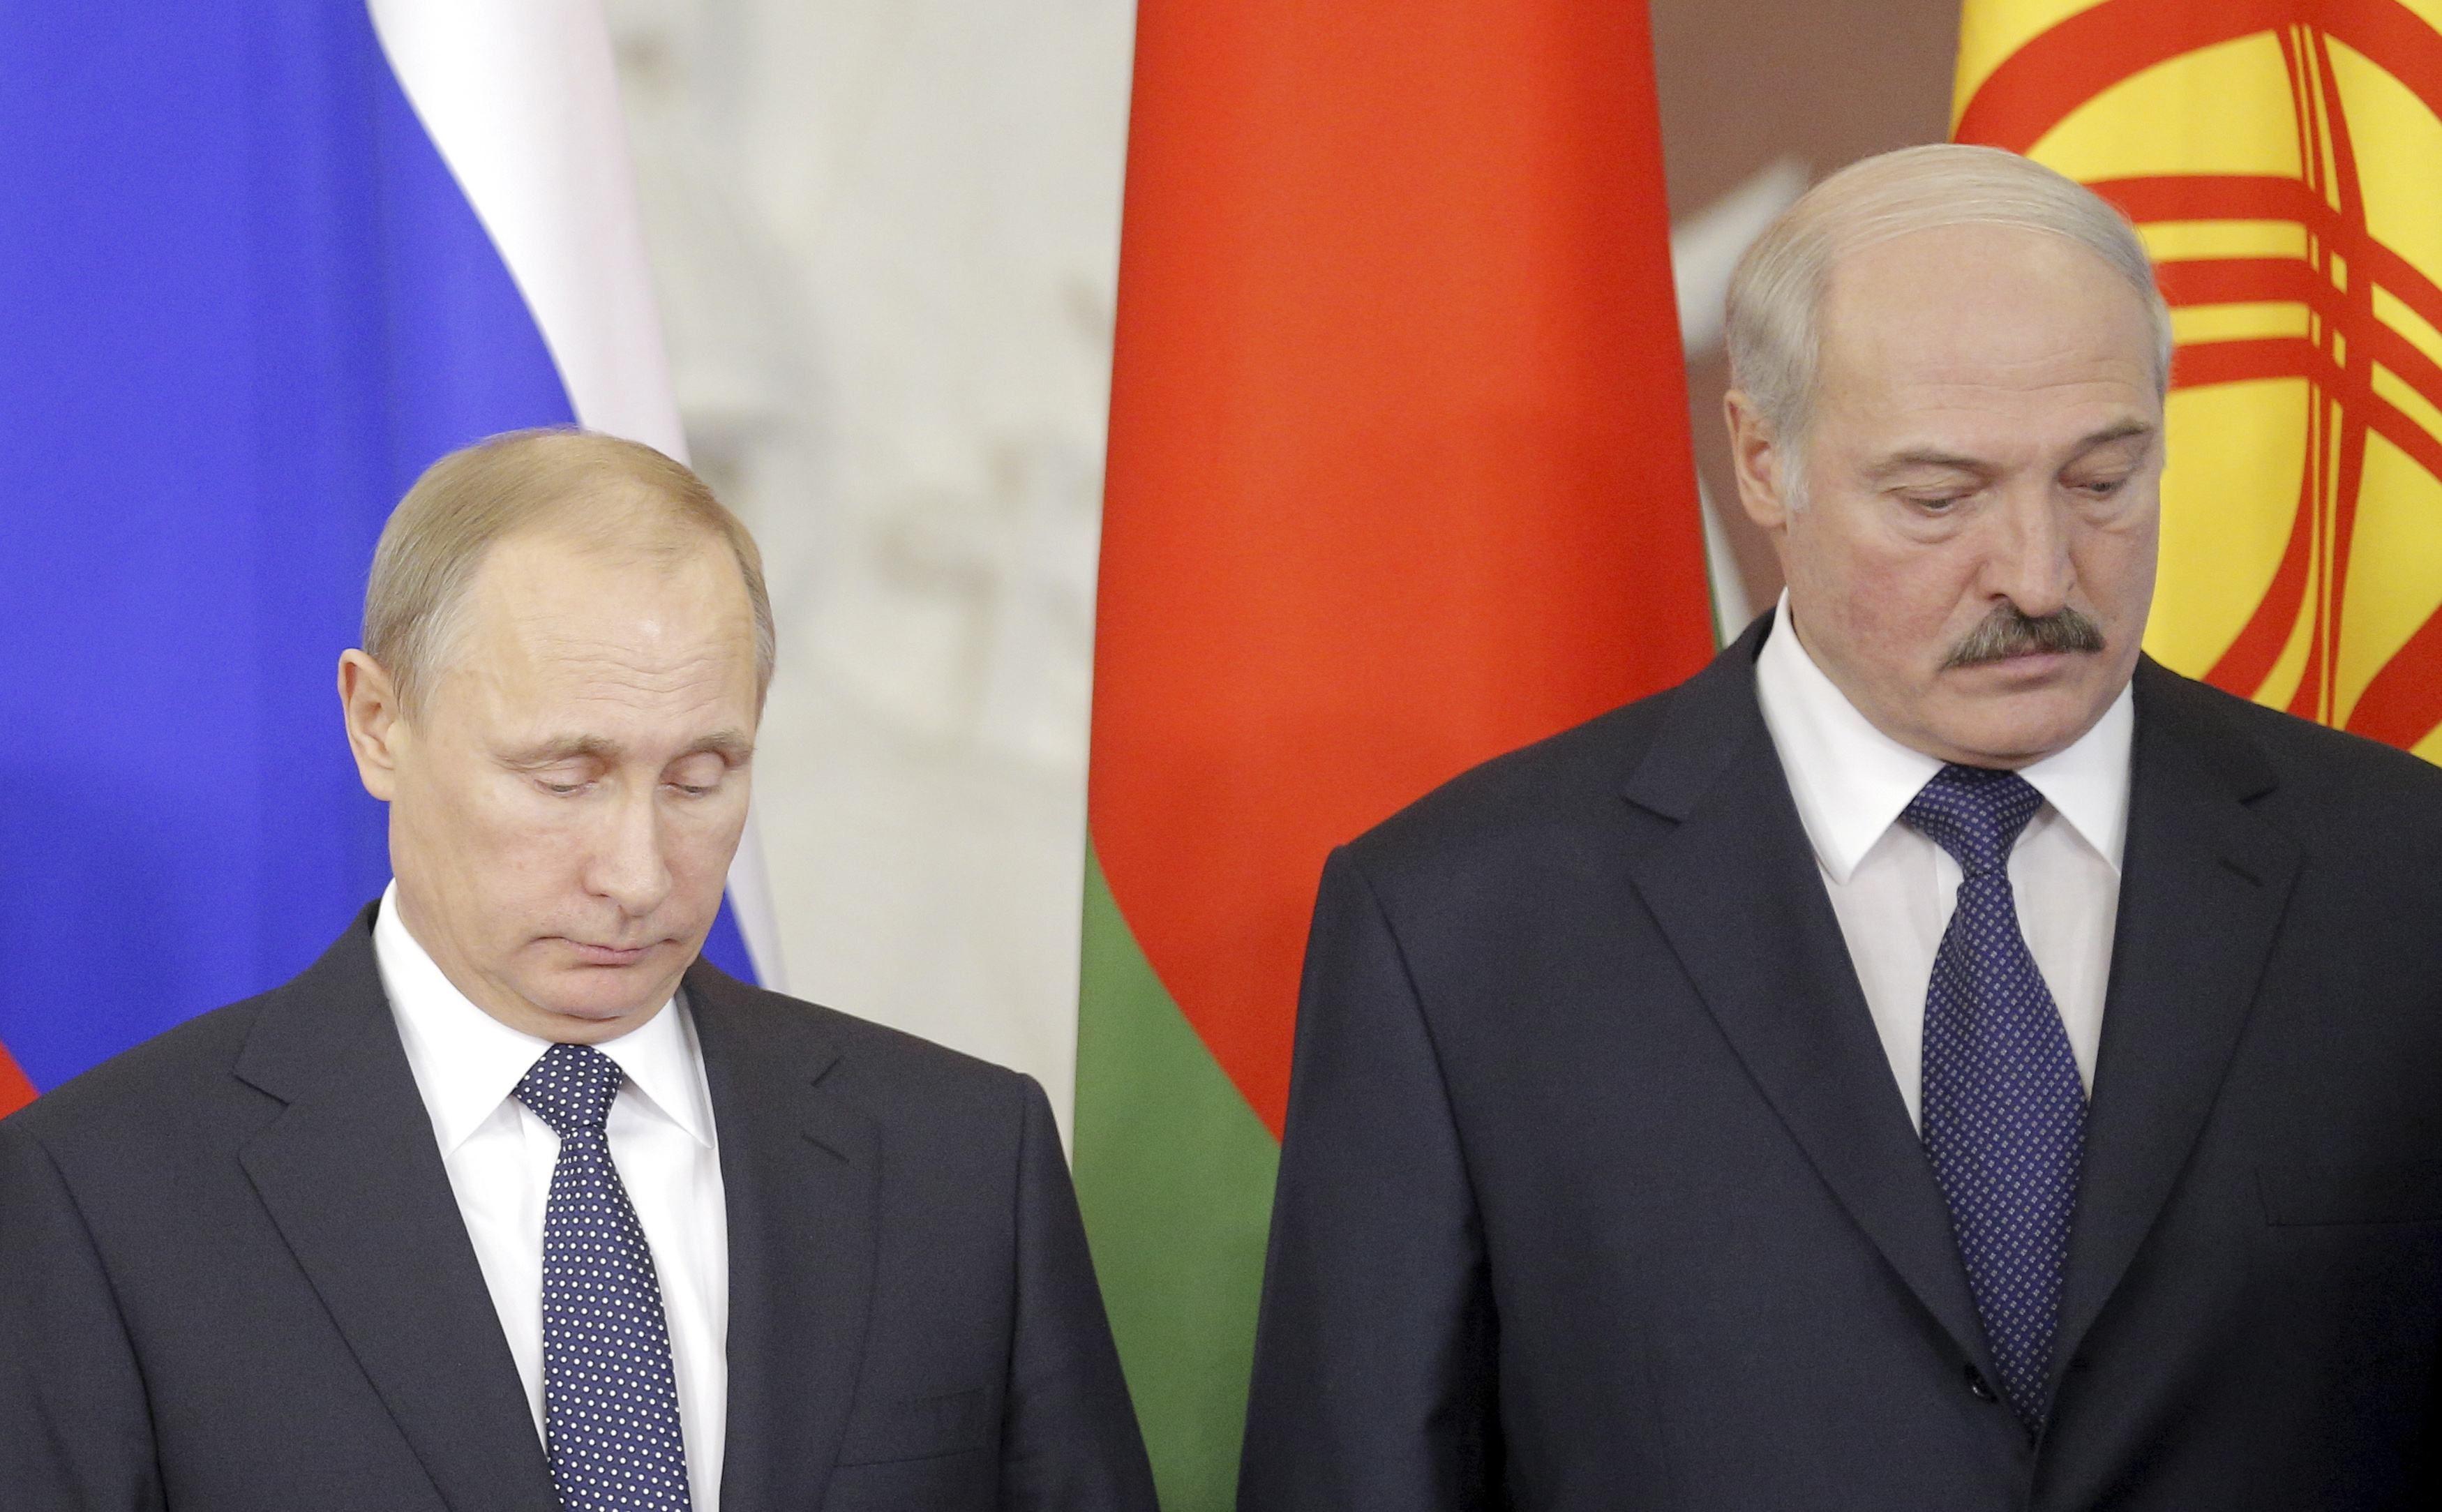 Экс-лидер Беларуси полагает, что цель встреч Александра Лукашенко с Владимиром Путиным — восславить их обоих